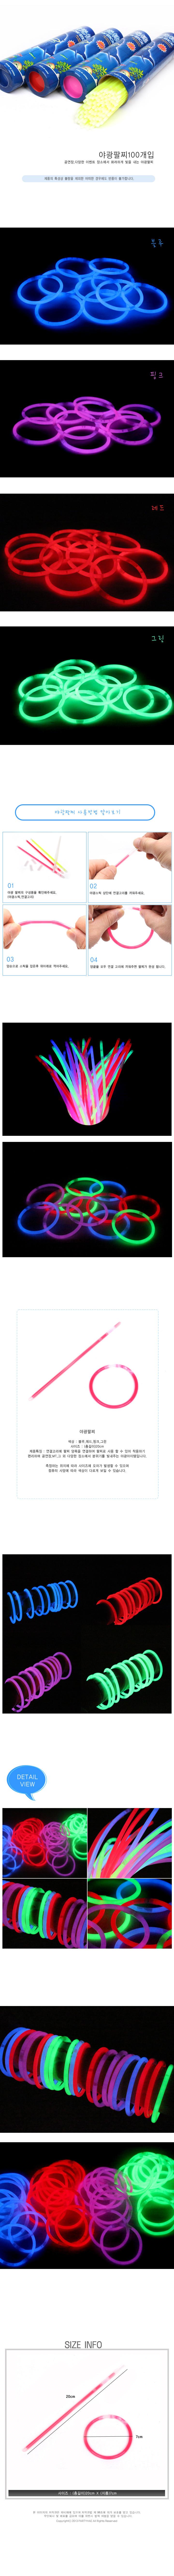 야광팔찌100개입-핑크 - 파티해, 13,500원, 파티용품, 양초/폭죽